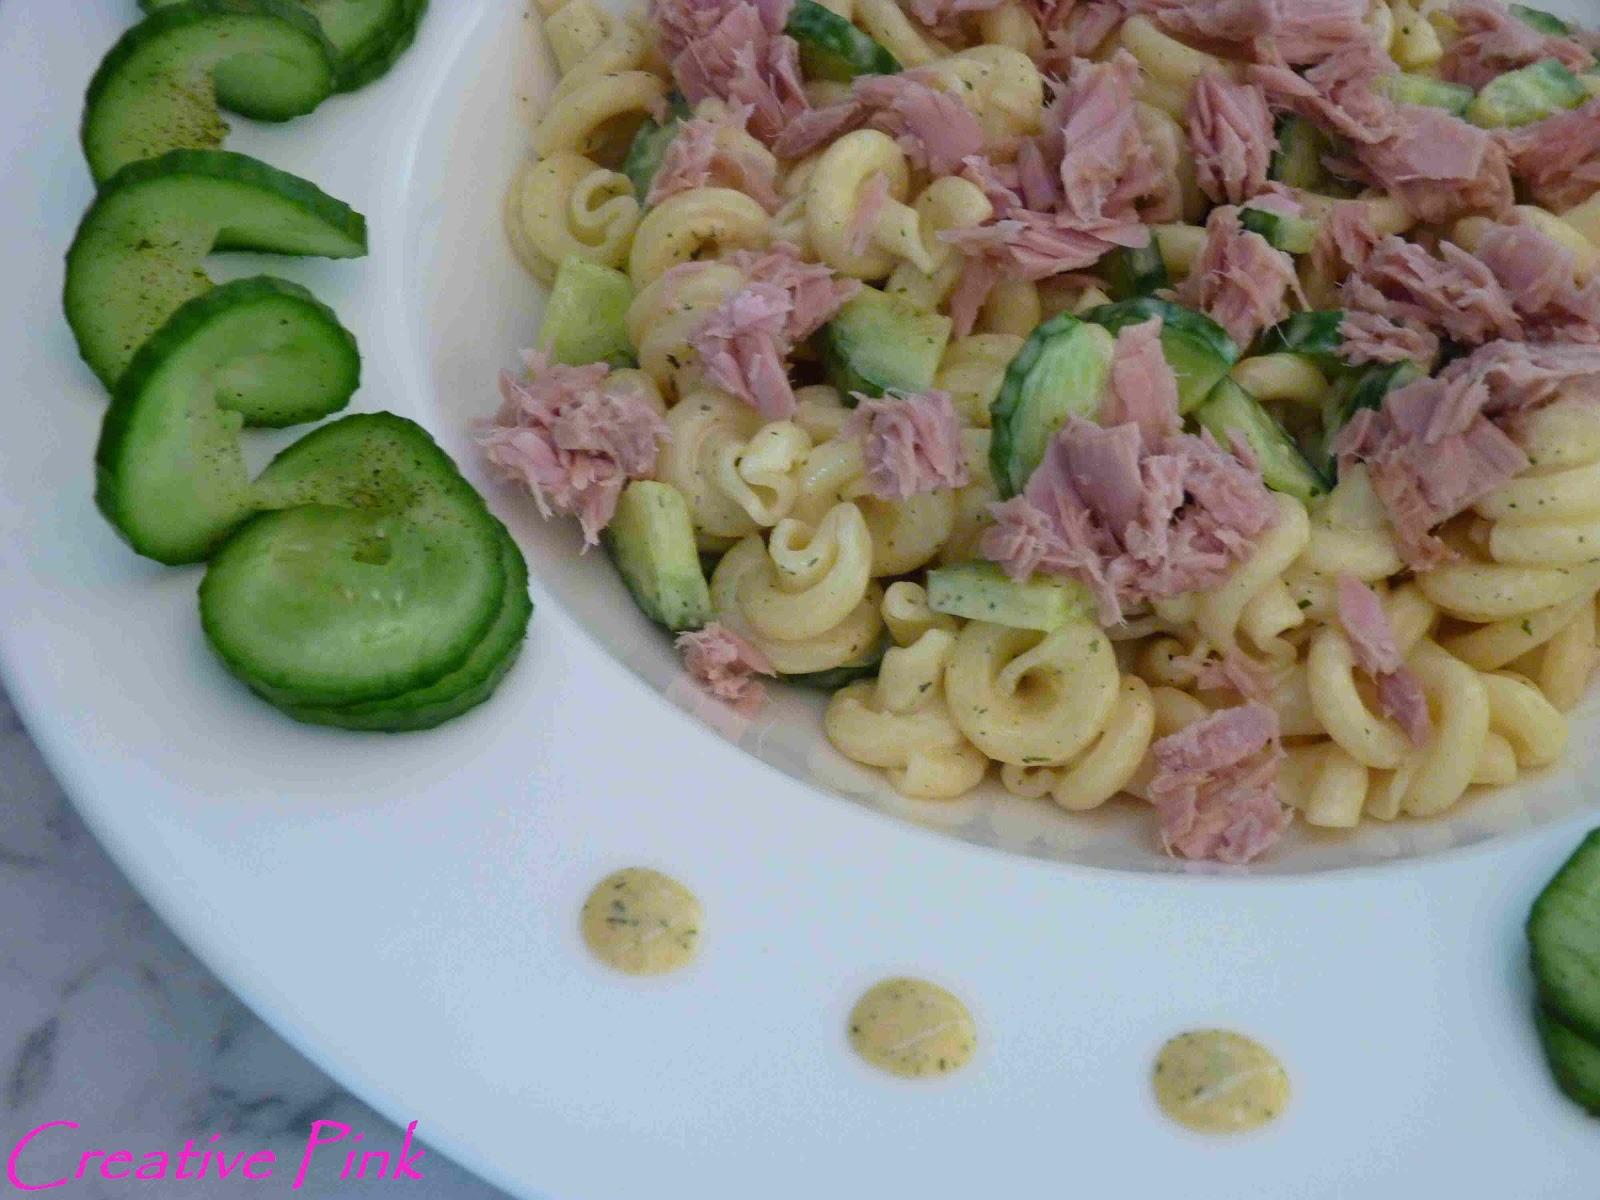 Creative pink nudelsalat mit thunfisch und gurke - Gurken dekorativ schneiden ...